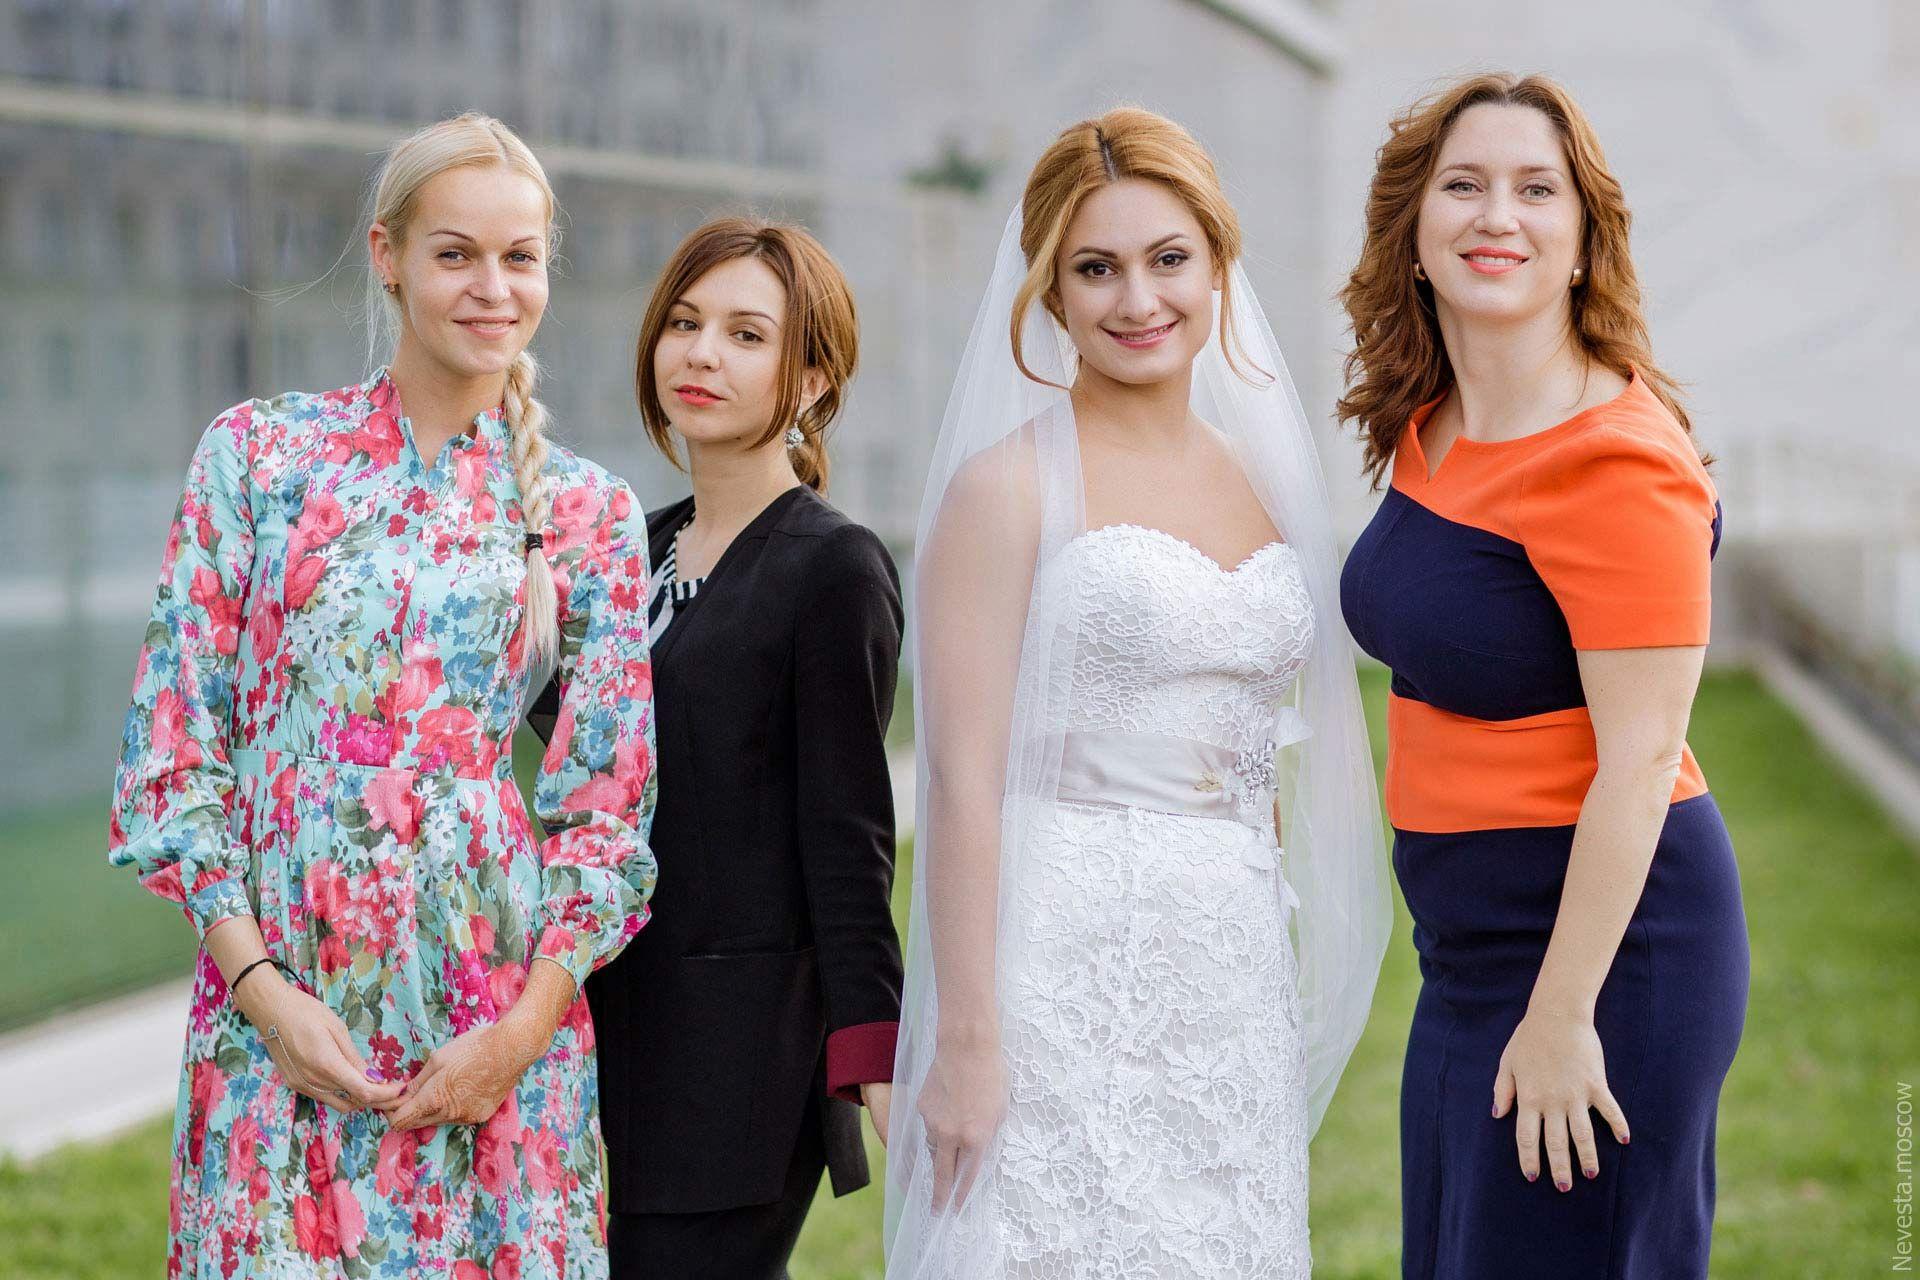 Киносвадьба для героини сериала «Физрук» Карины Мишулиной, фото 7